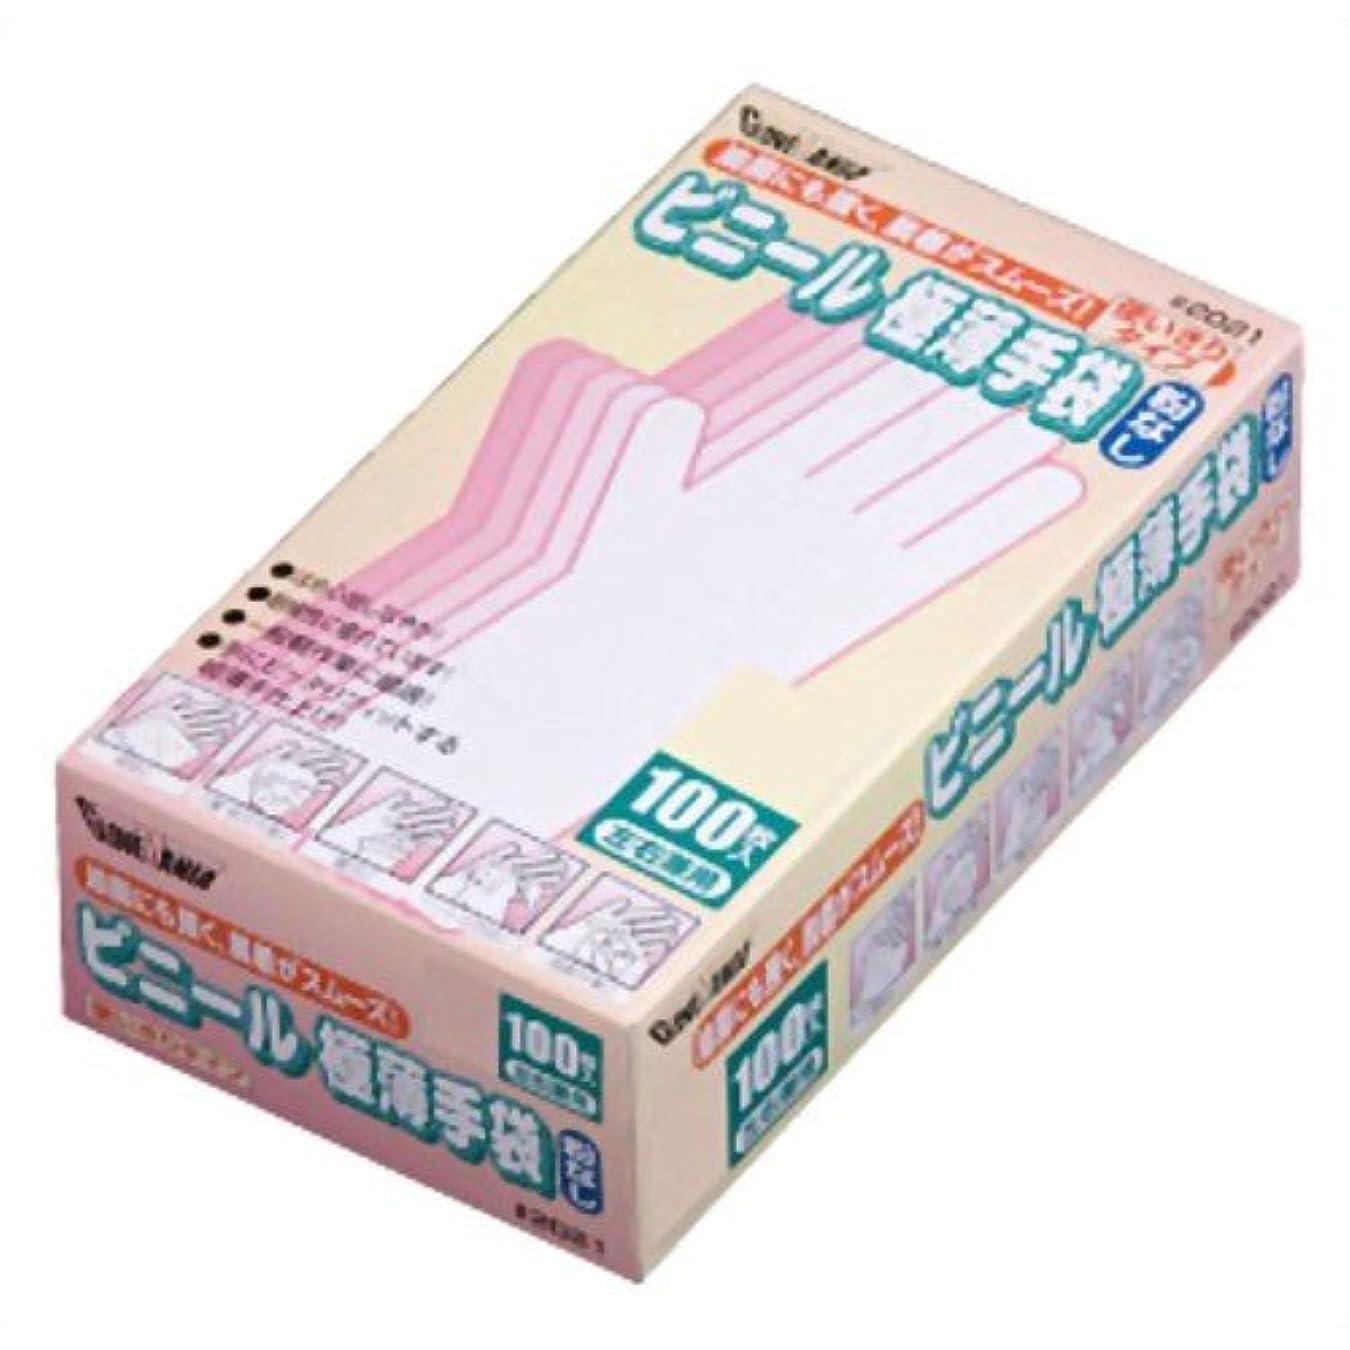 アヒルエレガント社説川西工業 ビニール極薄手袋 粉なし 100枚入 #2021 クリア S